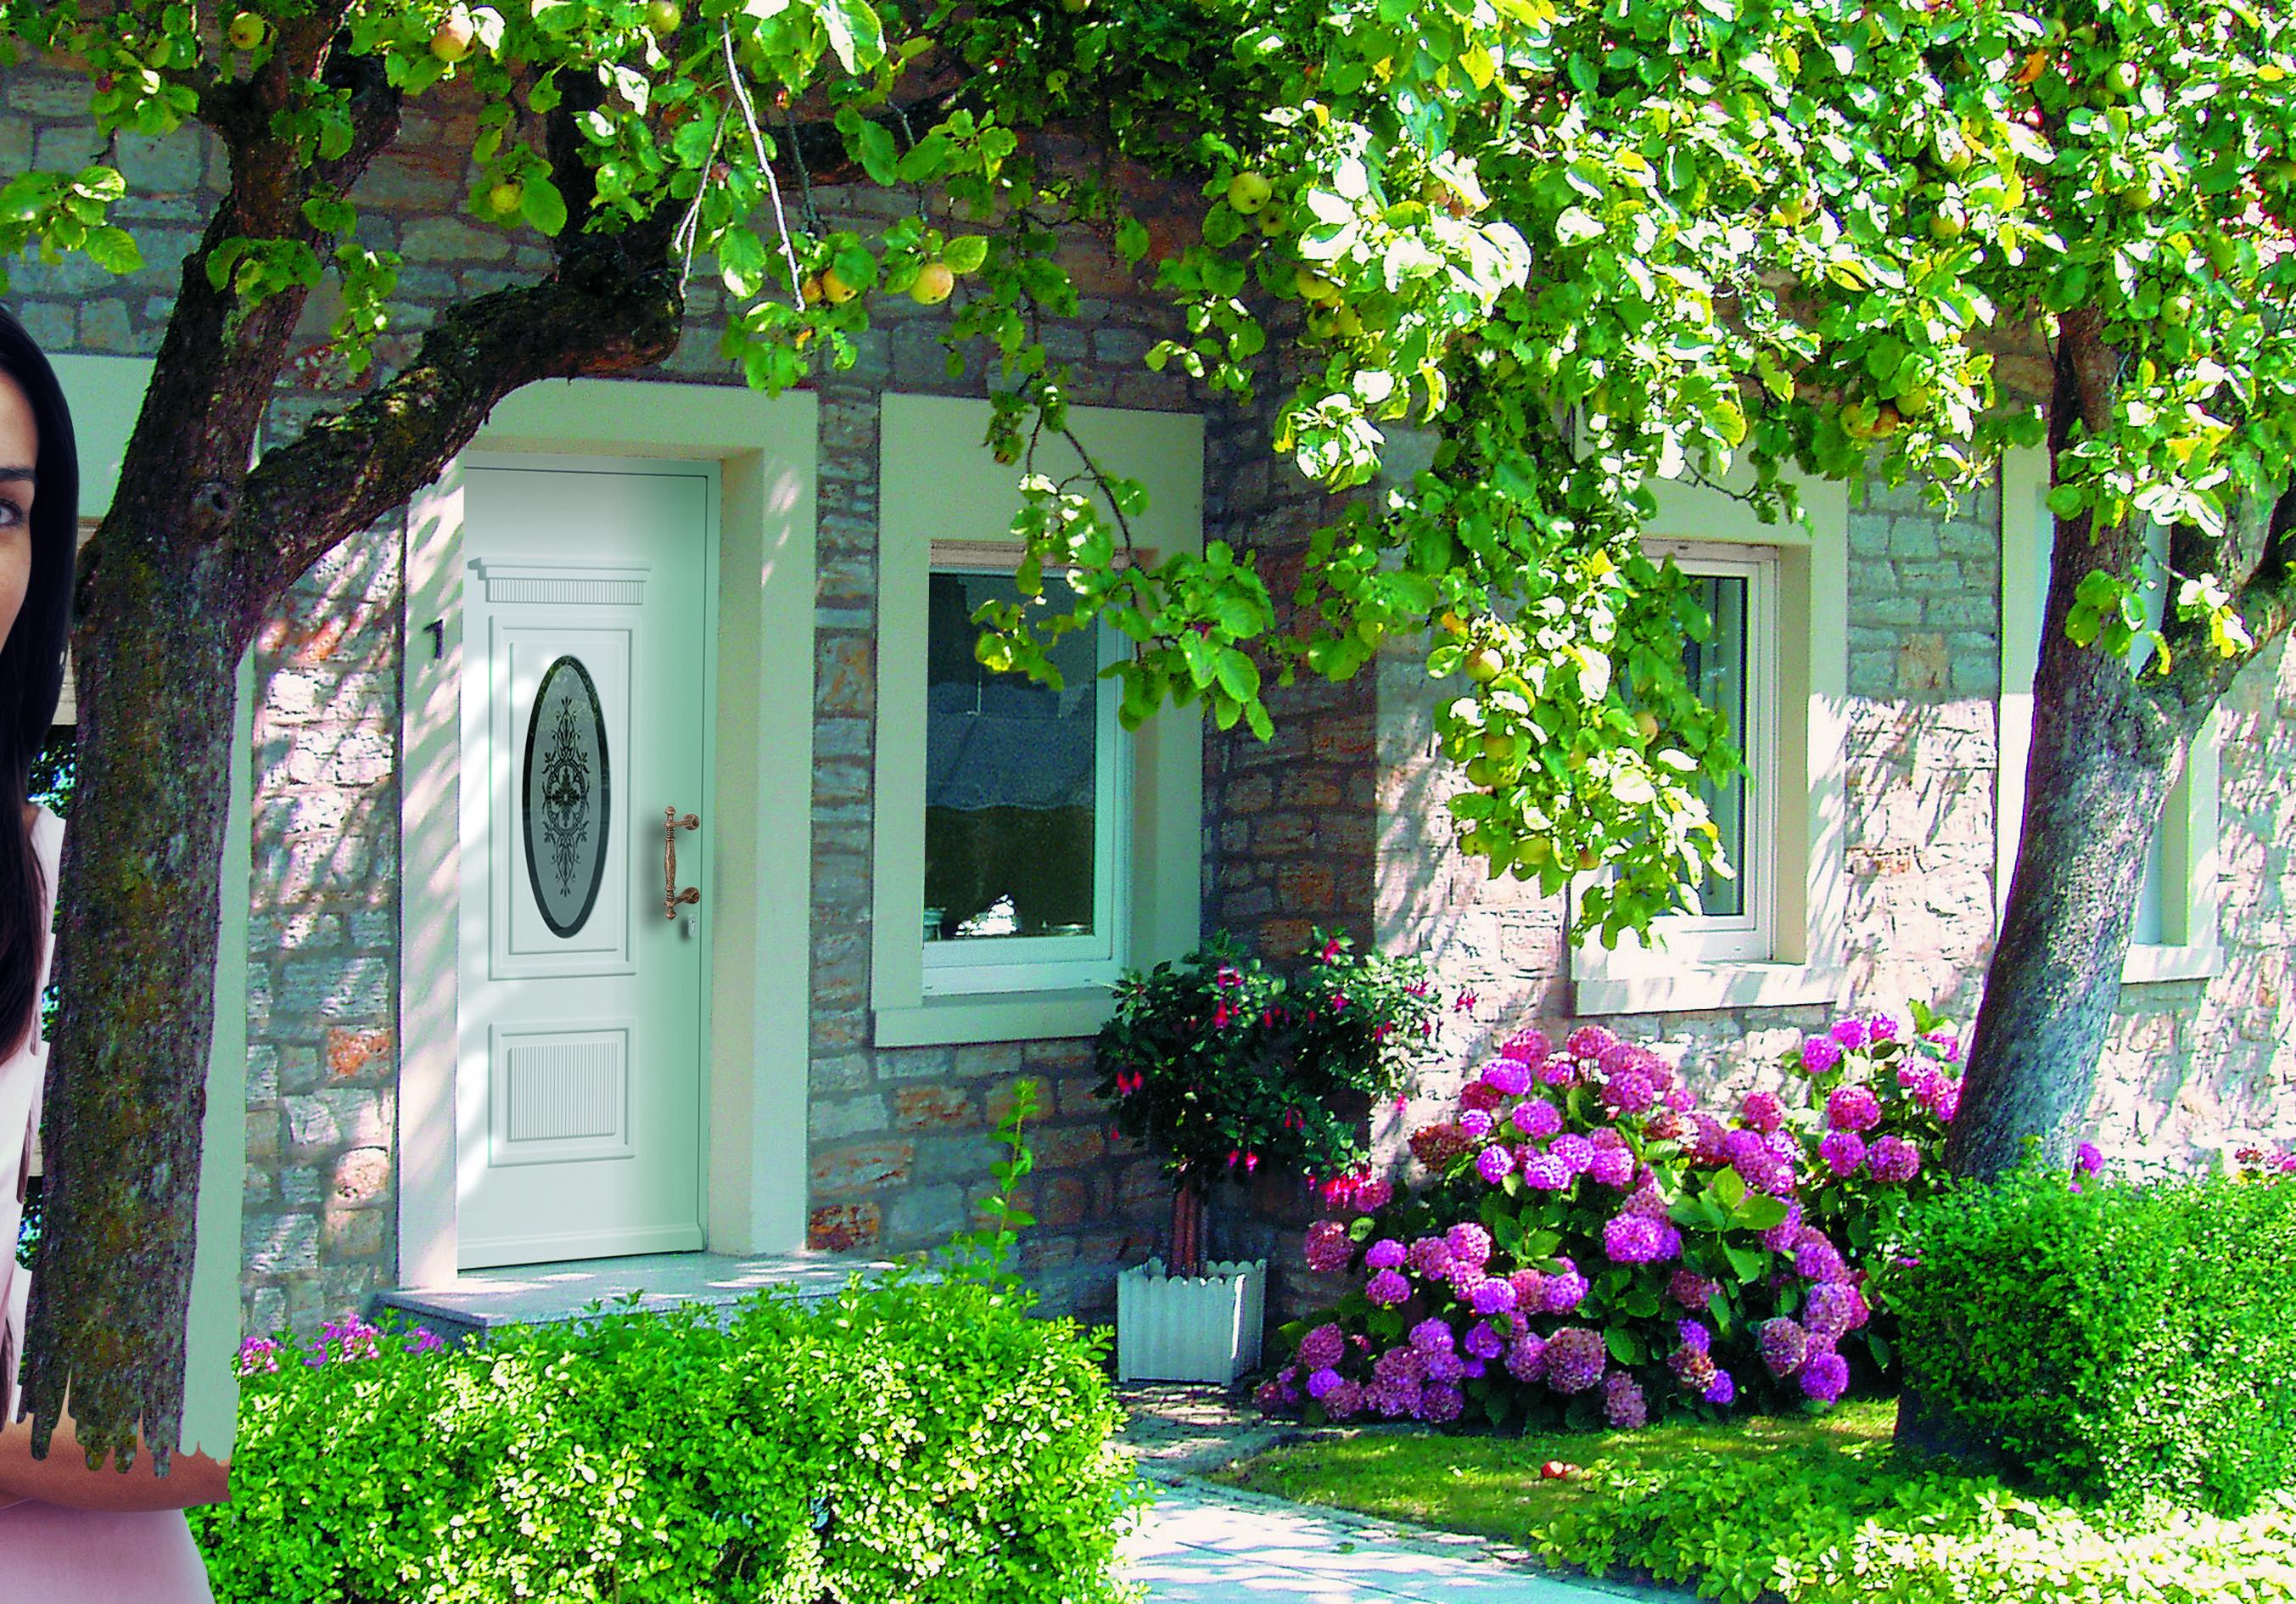 Bauelemente in bester qualit t aldra zeigt das es geht bauelemente post sievers - Fenster putzen bei auszug ...